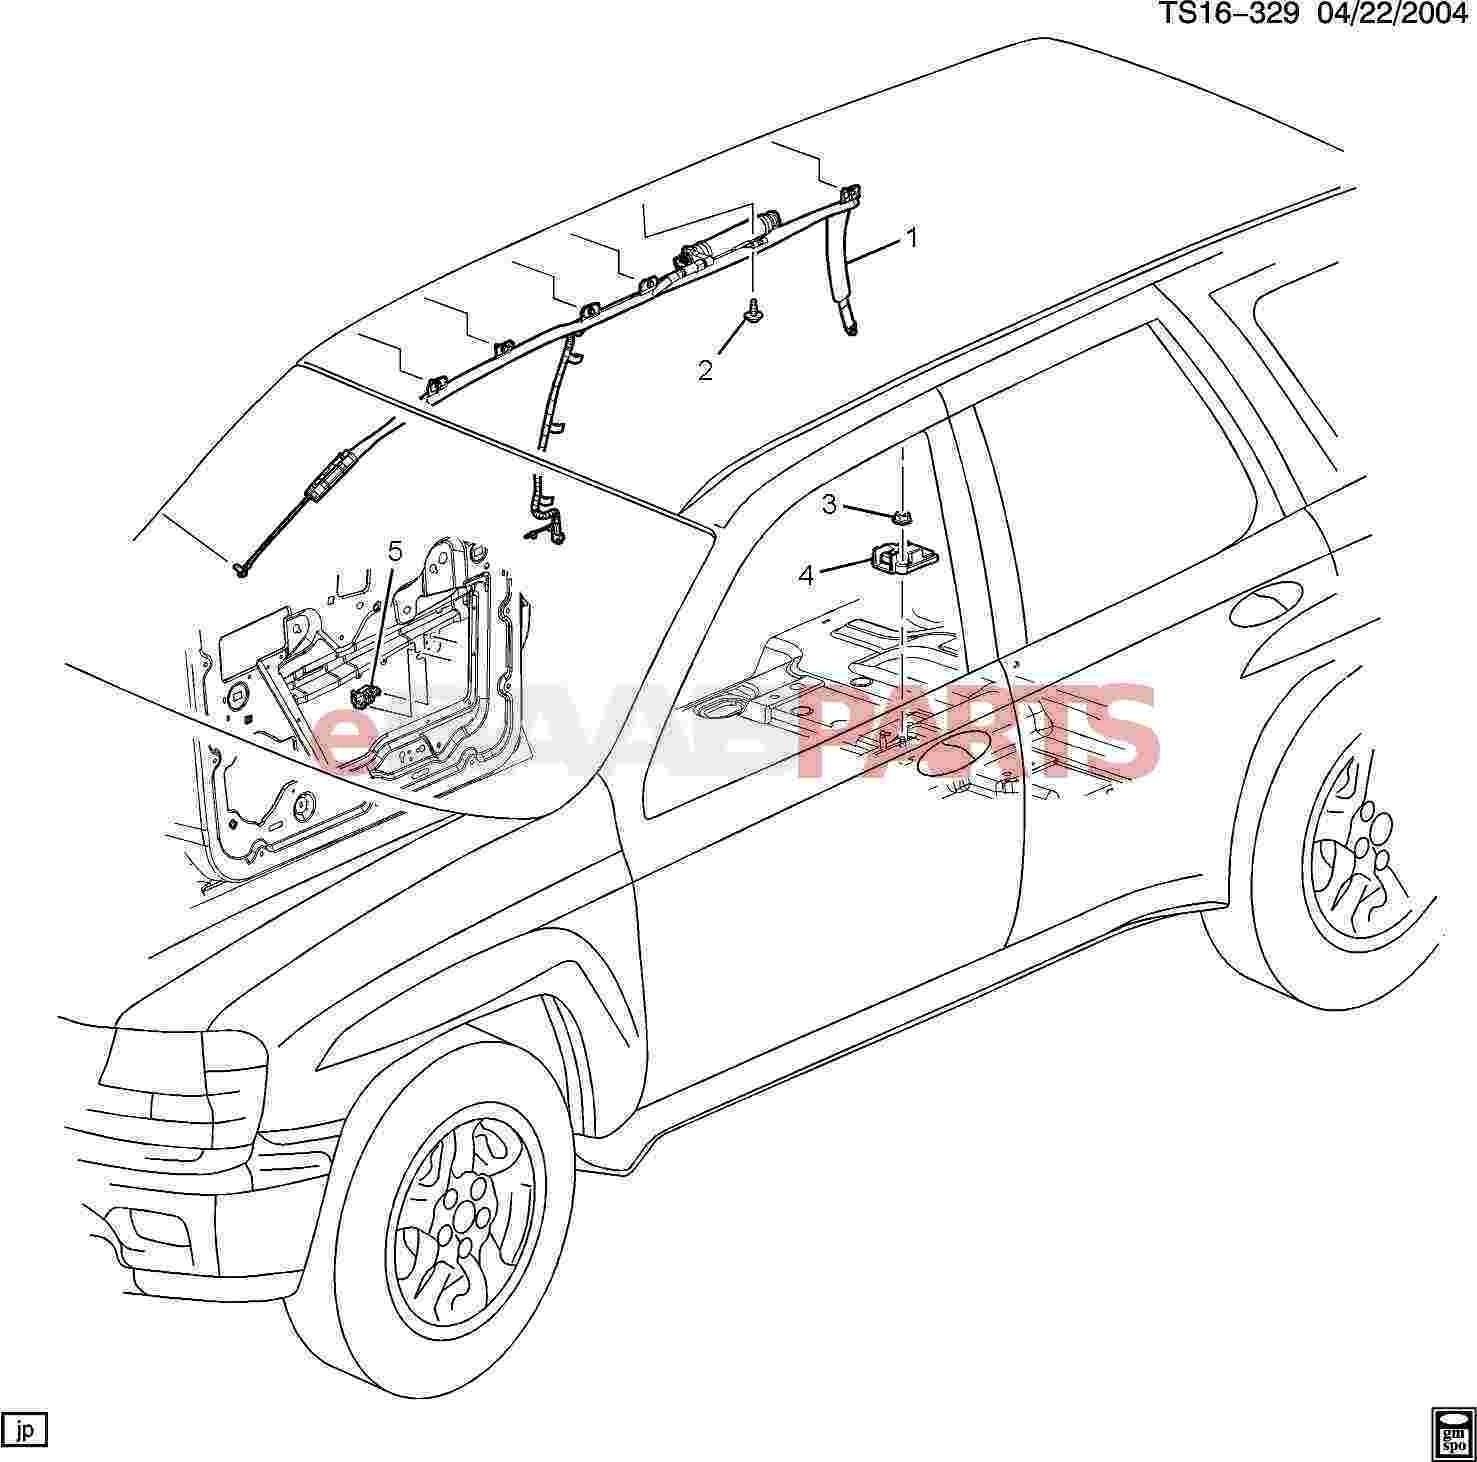 Suspension Diagram Car Exterior Parts A Car Diagram Parts Under A Car Diagram Car Of Suspension Diagram Car